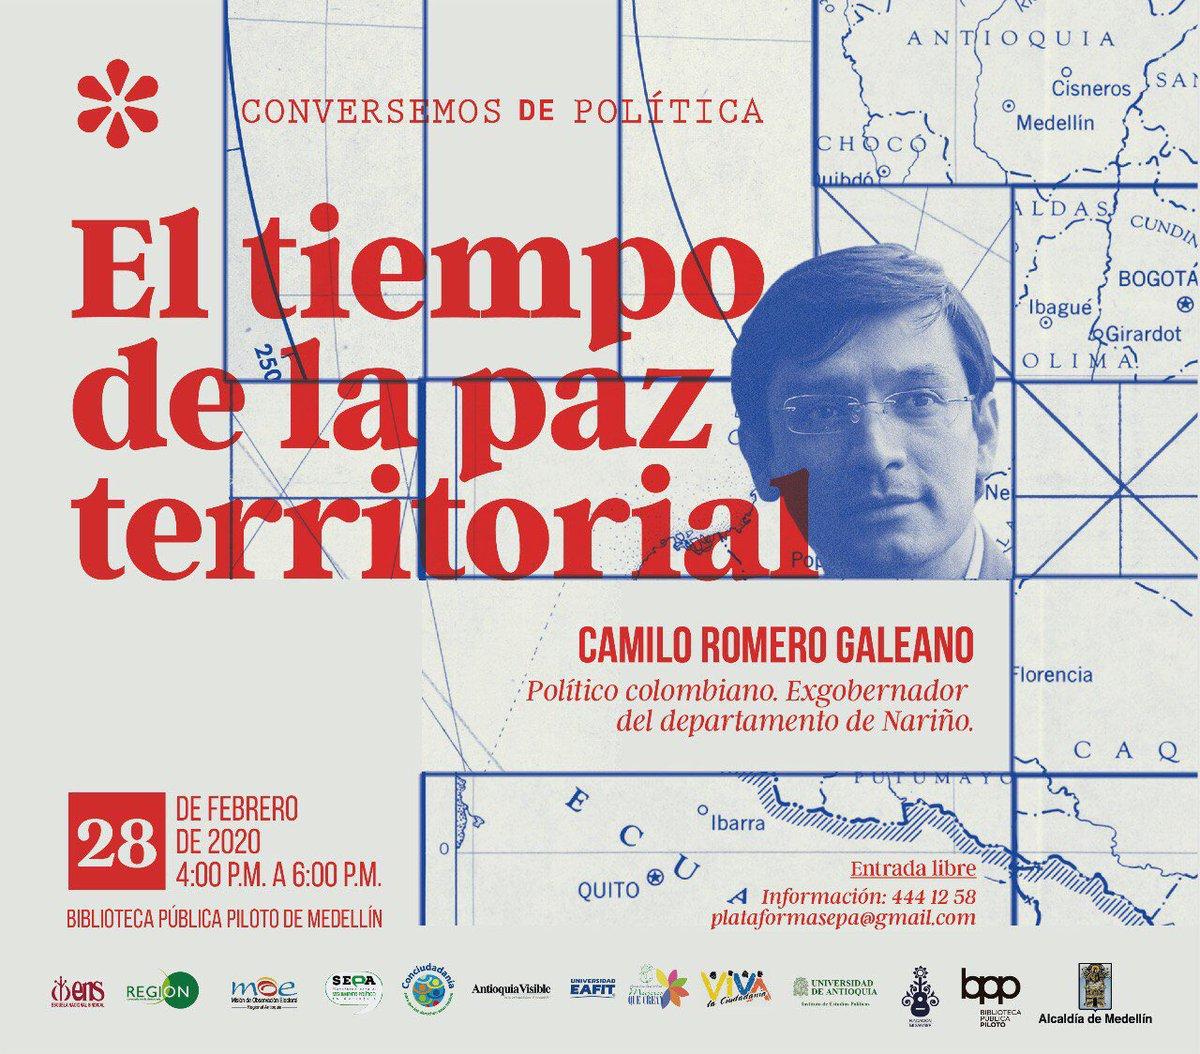 Gracias de verdad a quienes nos invitan a todos los rincones de Colombia.Estaremos en Antioquia en múltiples charlas, aquí les va la invitación a cuatro de ellas, entre el 27 y 29 de febrero. Allá nos vemos!